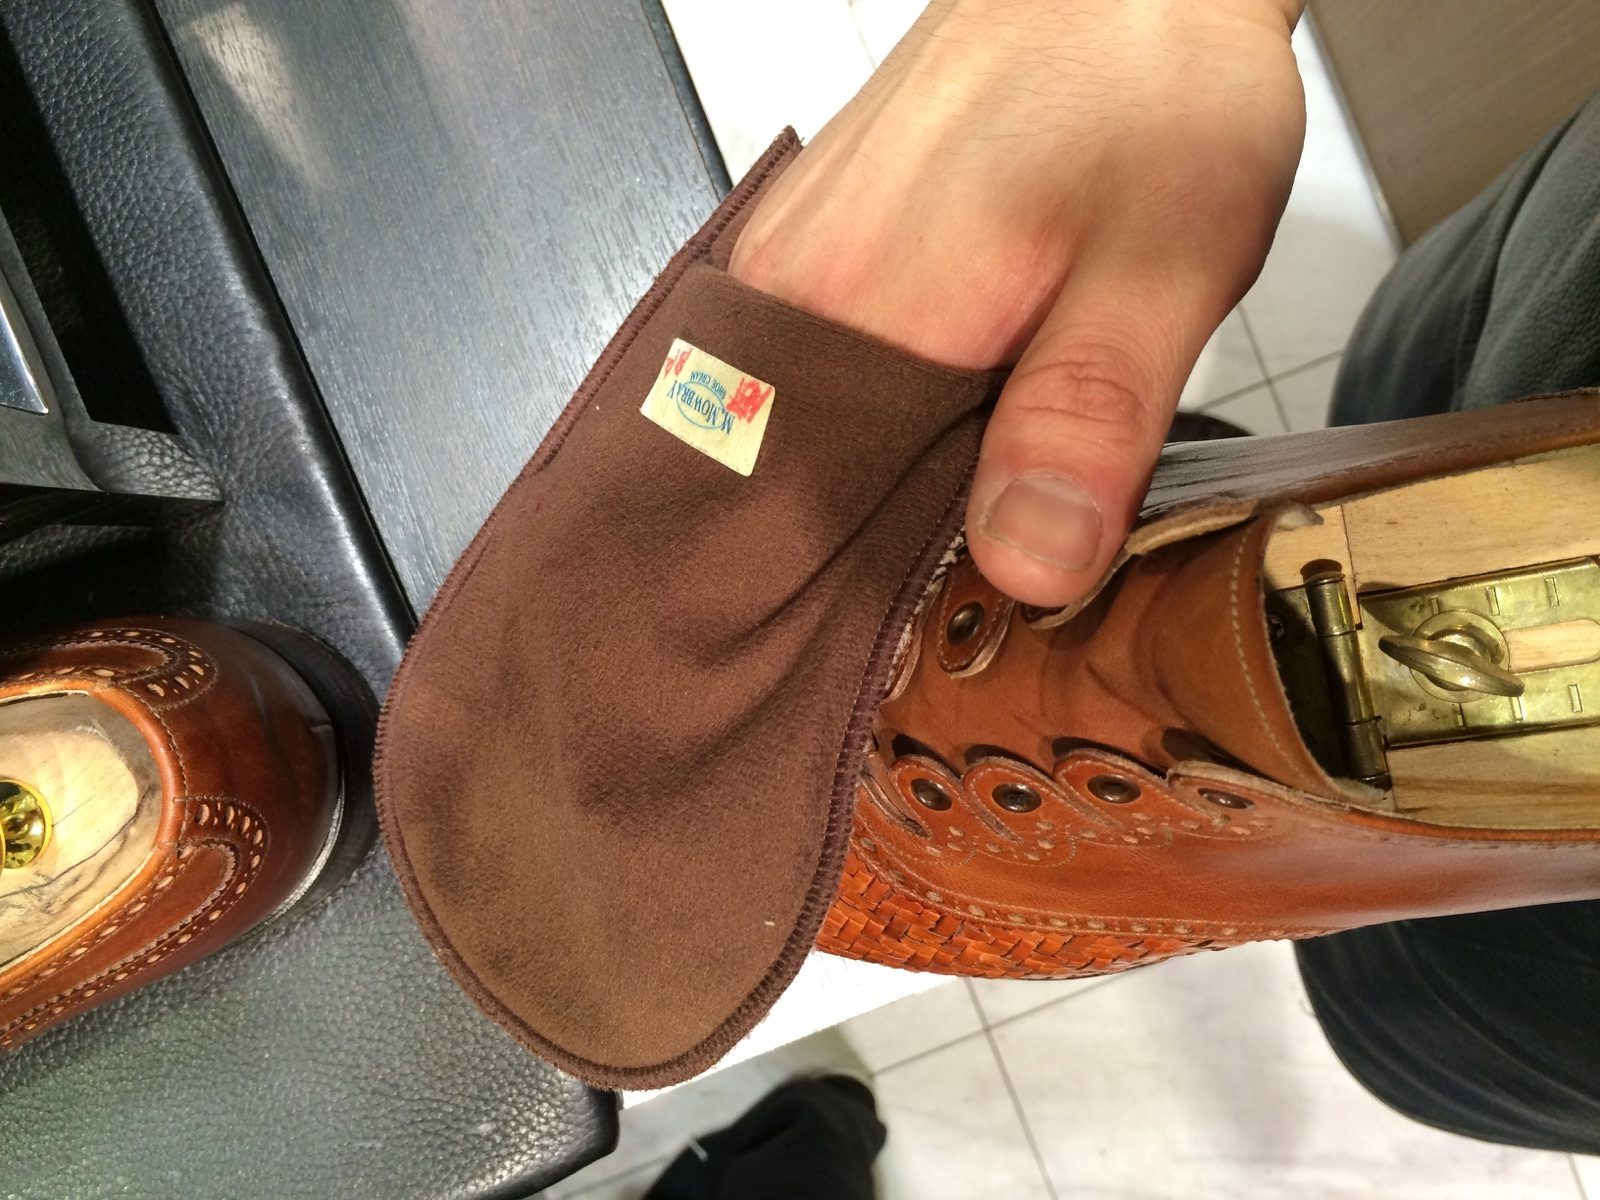 メッシュレザーの靴のお手入れには?_b0226322_10451942.jpg